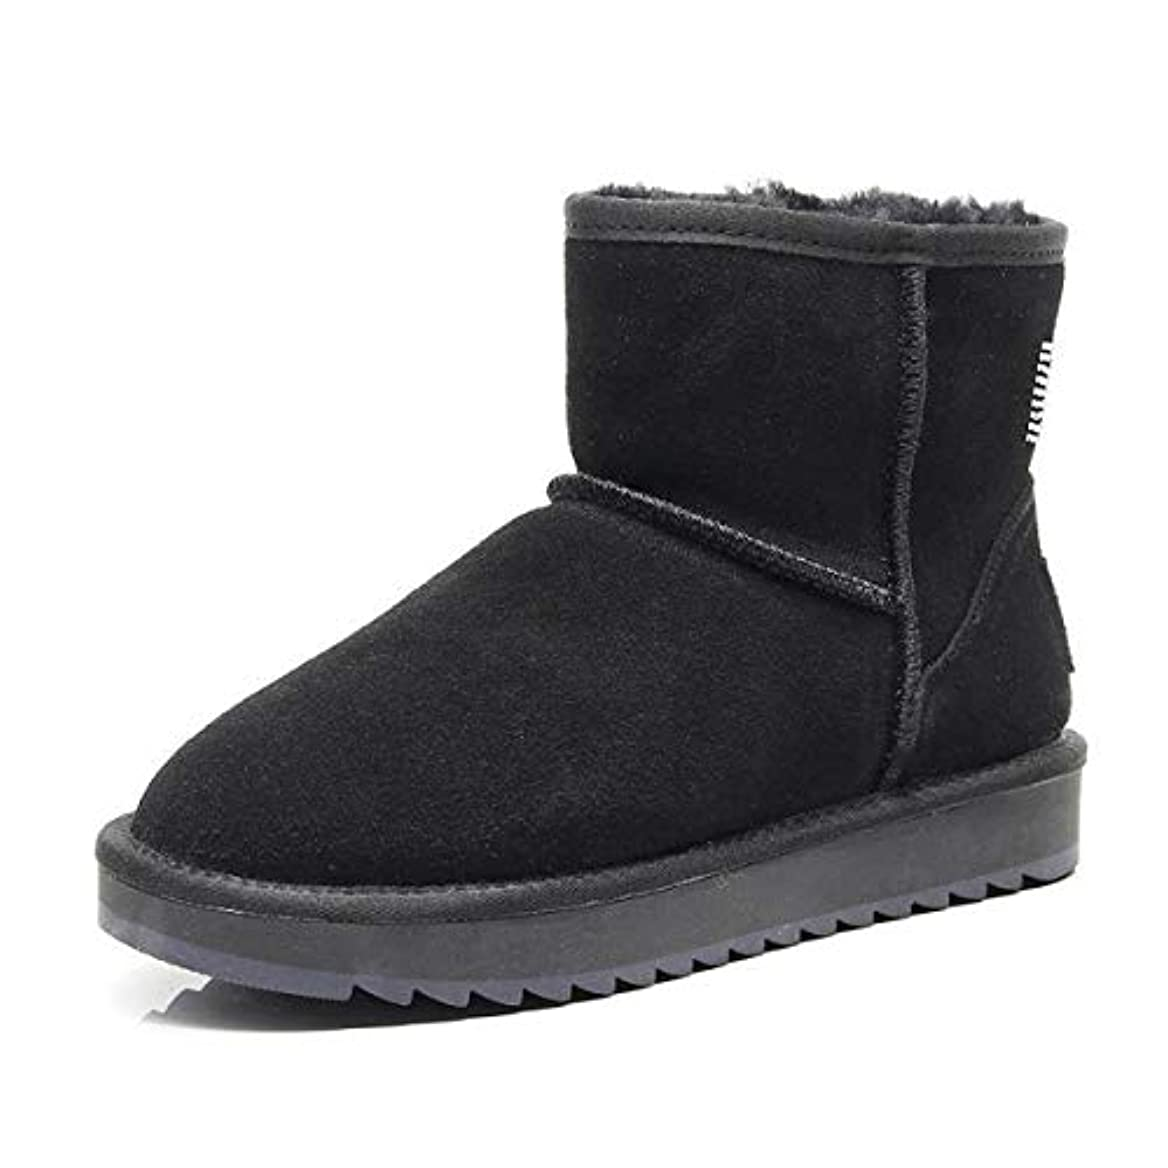 遠近法認証遠近法女性のブーツフラットヒールファッションラインストーンスノーブーツ2018冬暖かい非スリップアンクルブーツ